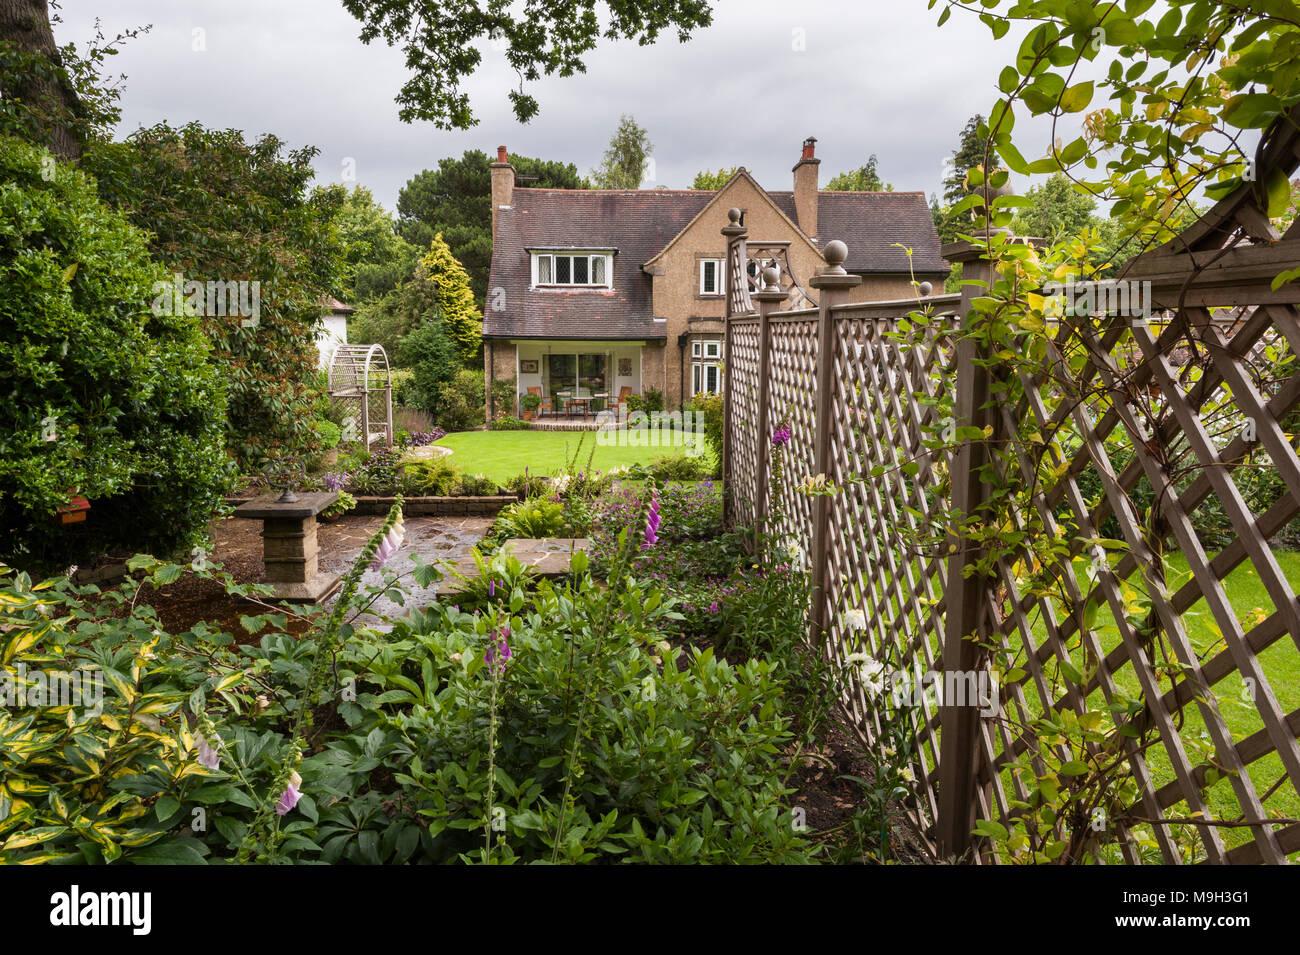 Faszinierend Schöne Terrassen Und Gartengestaltung Beste Wahl Kleine Terrasse (stein Sonnenuhr Aussortiert Durch Gitter